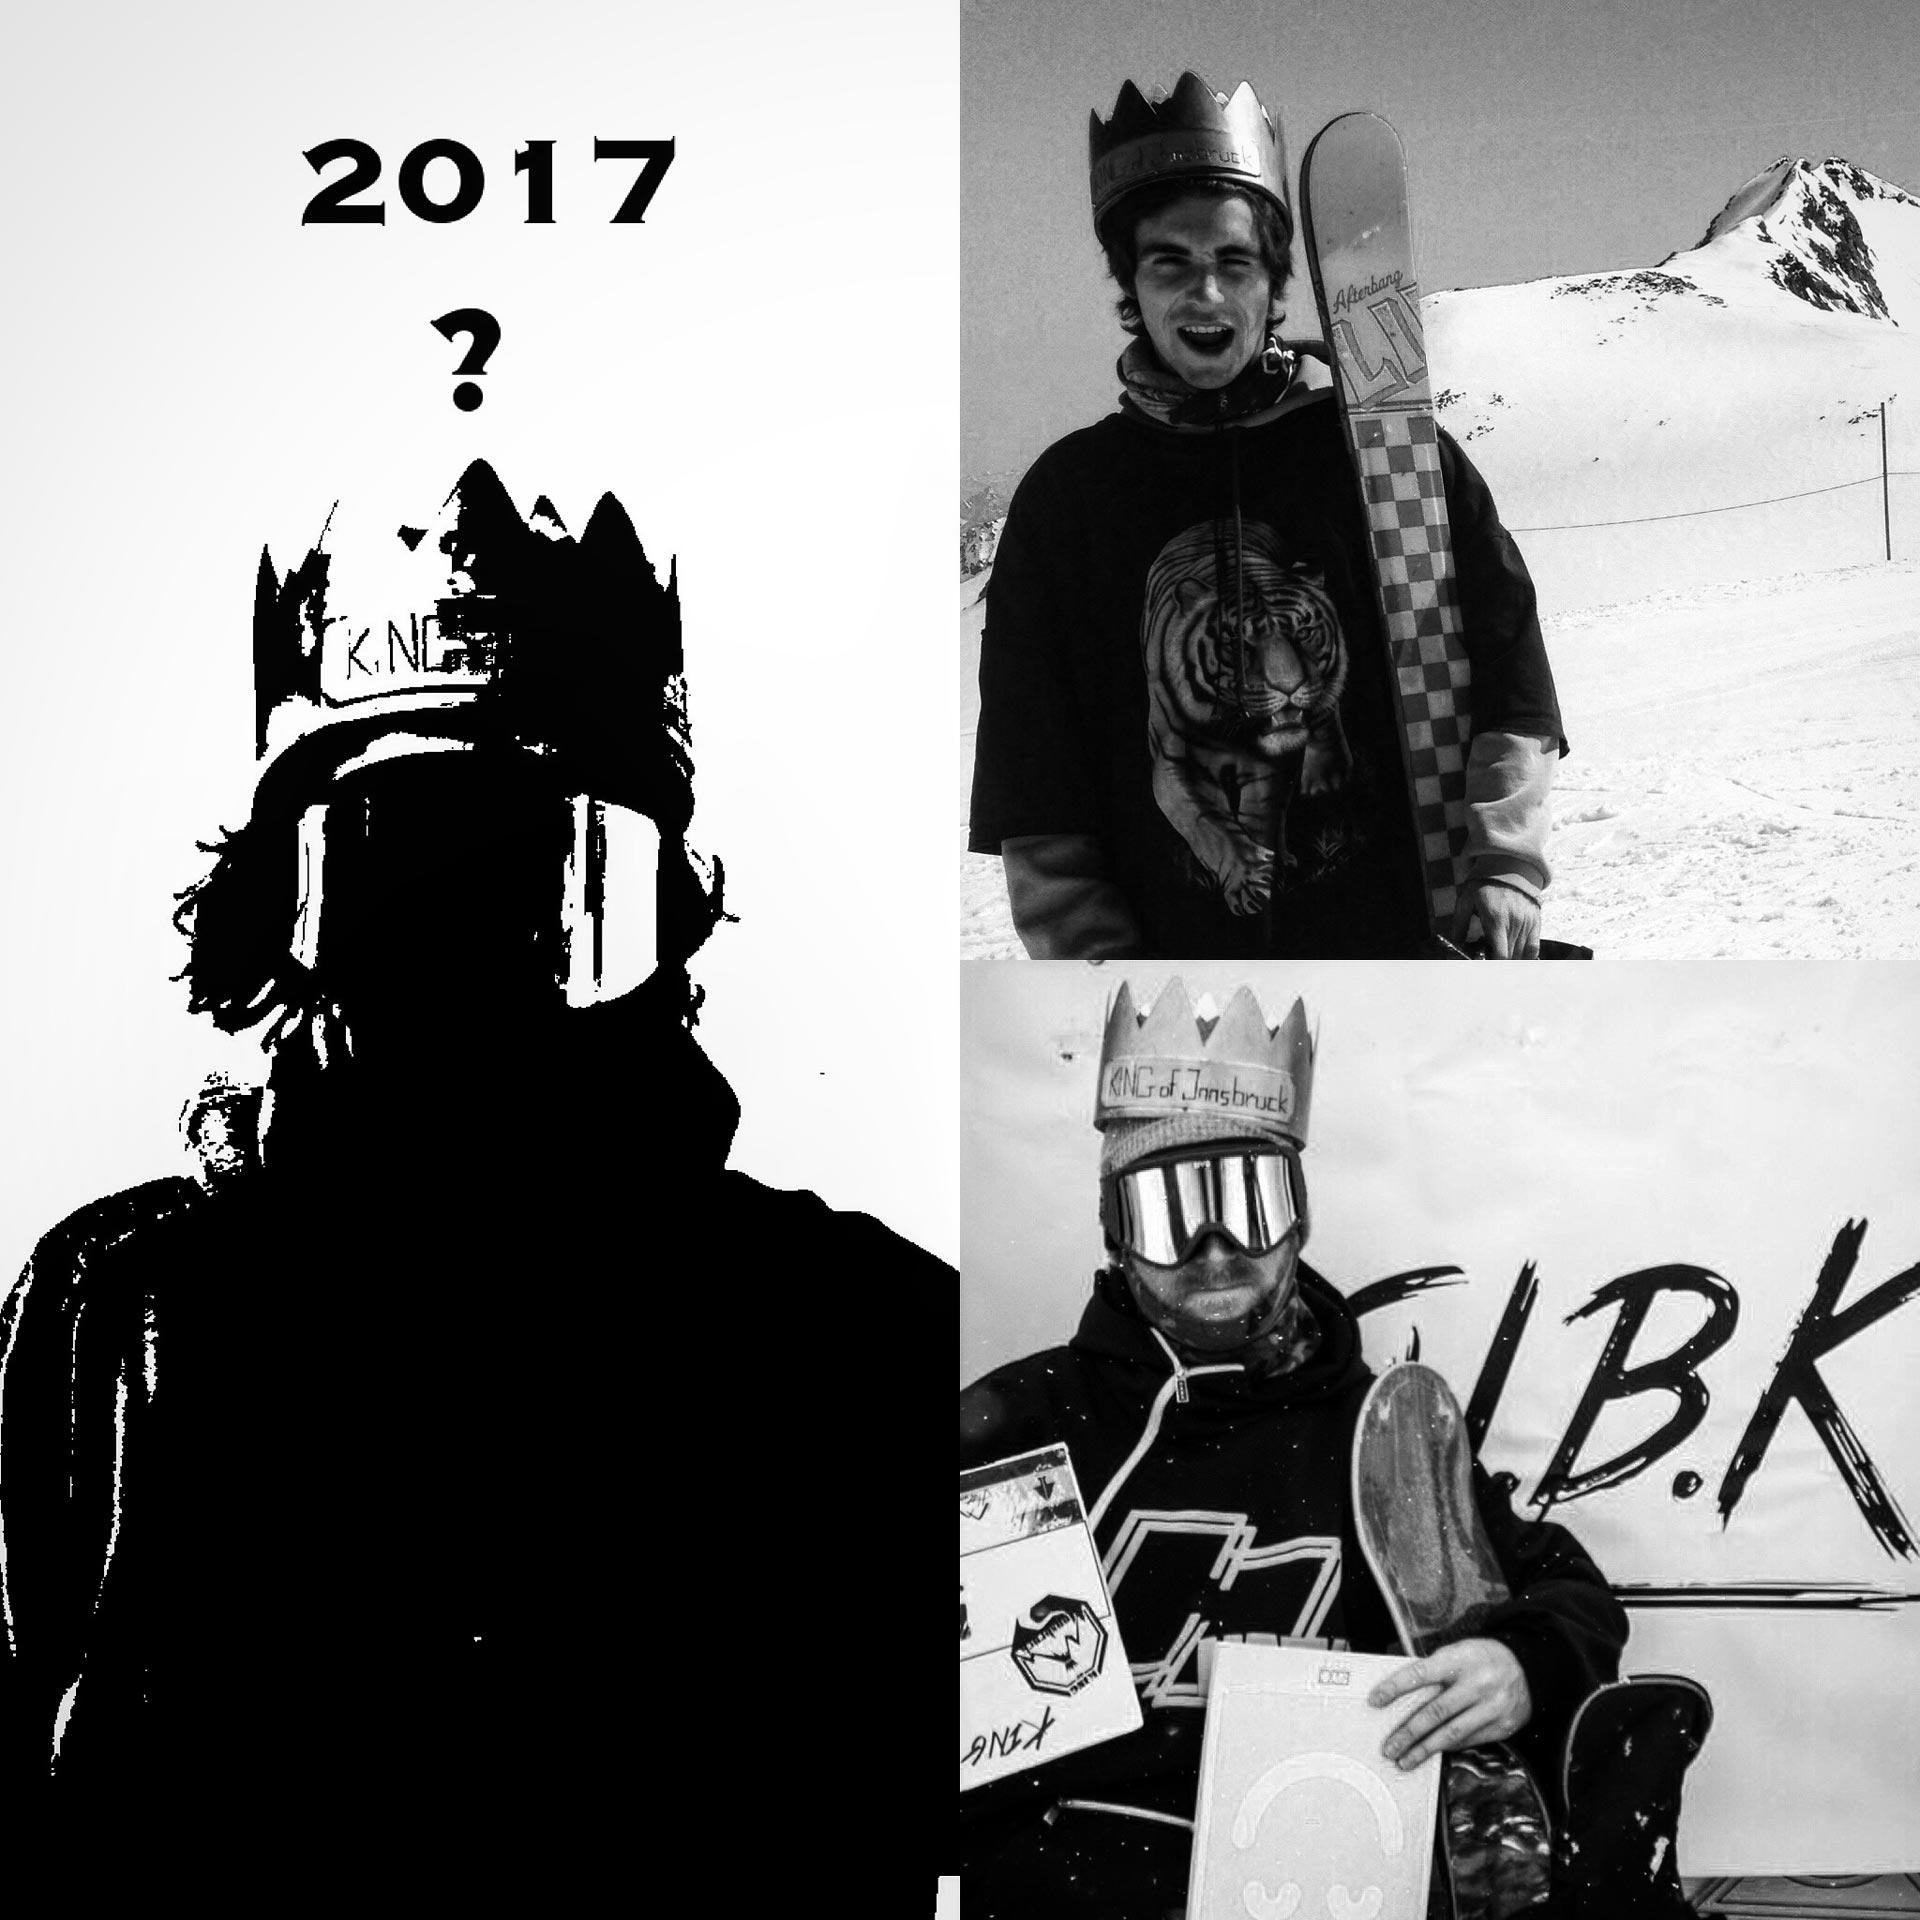 Die beiden bisherigen Gewinner: Jannis Hoffmann (2015, oben rechts) und Flo Geyer (2016).<br /> Wer wird 2017 der neue Boss in der Stadt sein?